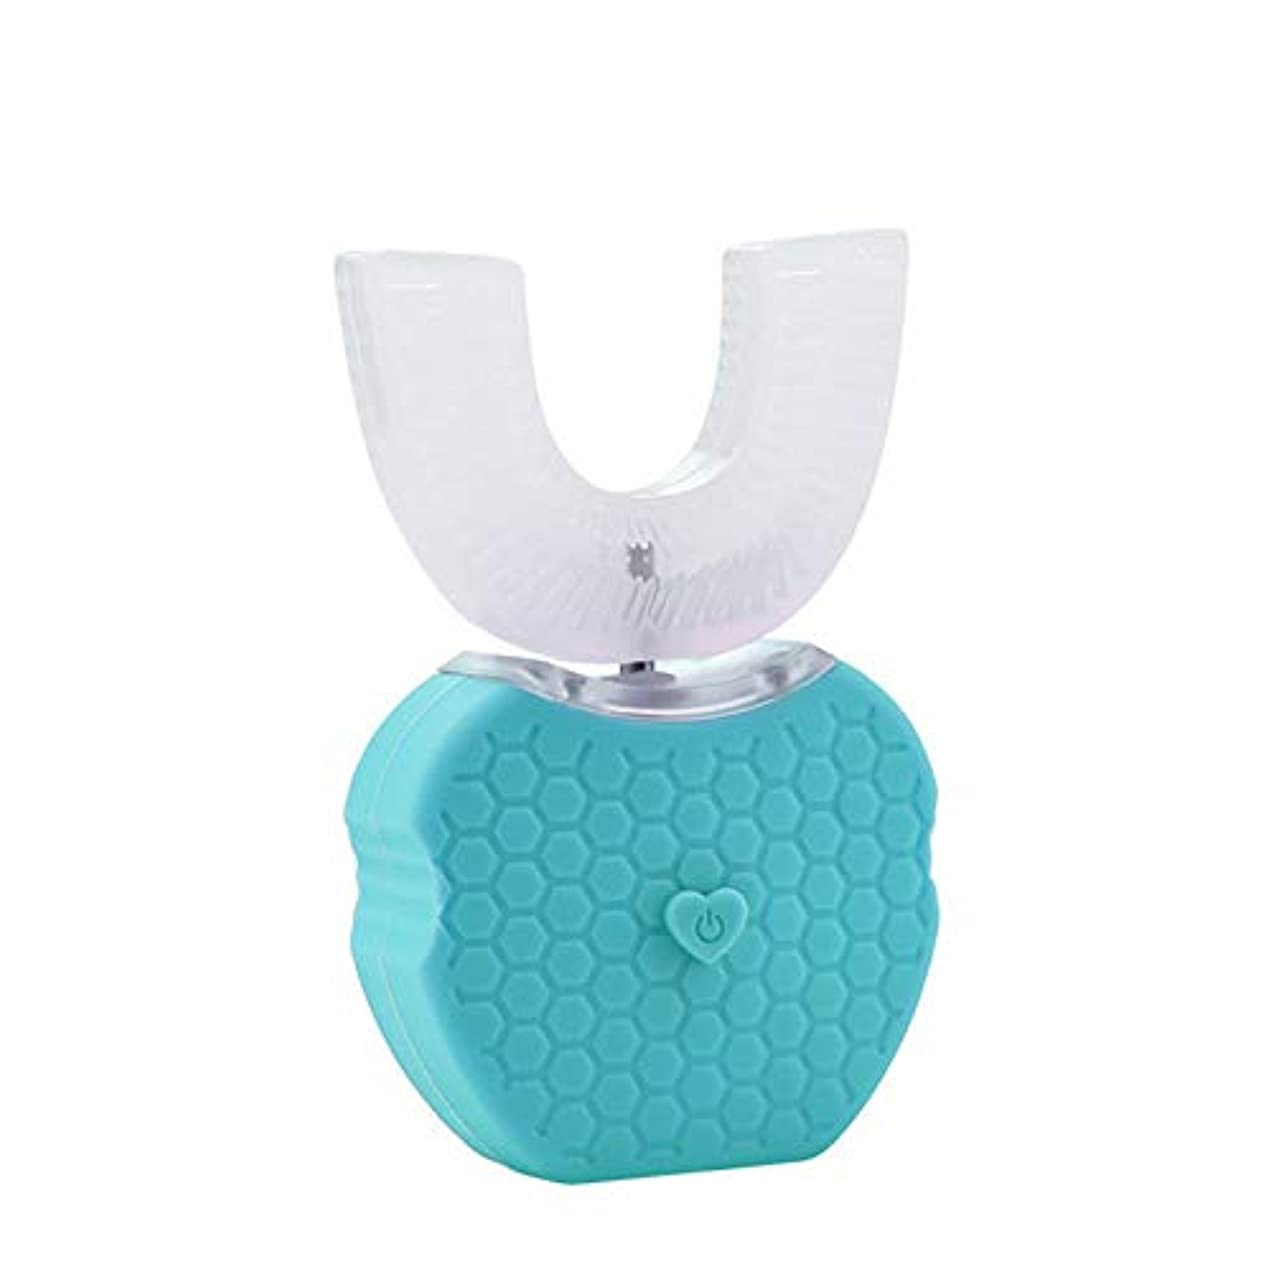 ベアリングゴルフどれかフルオートマチック可変周波数電動歯ブラシ、自動360度U字型電動歯ブラシ、ワイヤレス充電IPX7防水自動歯ブラシ(大人用),Blue